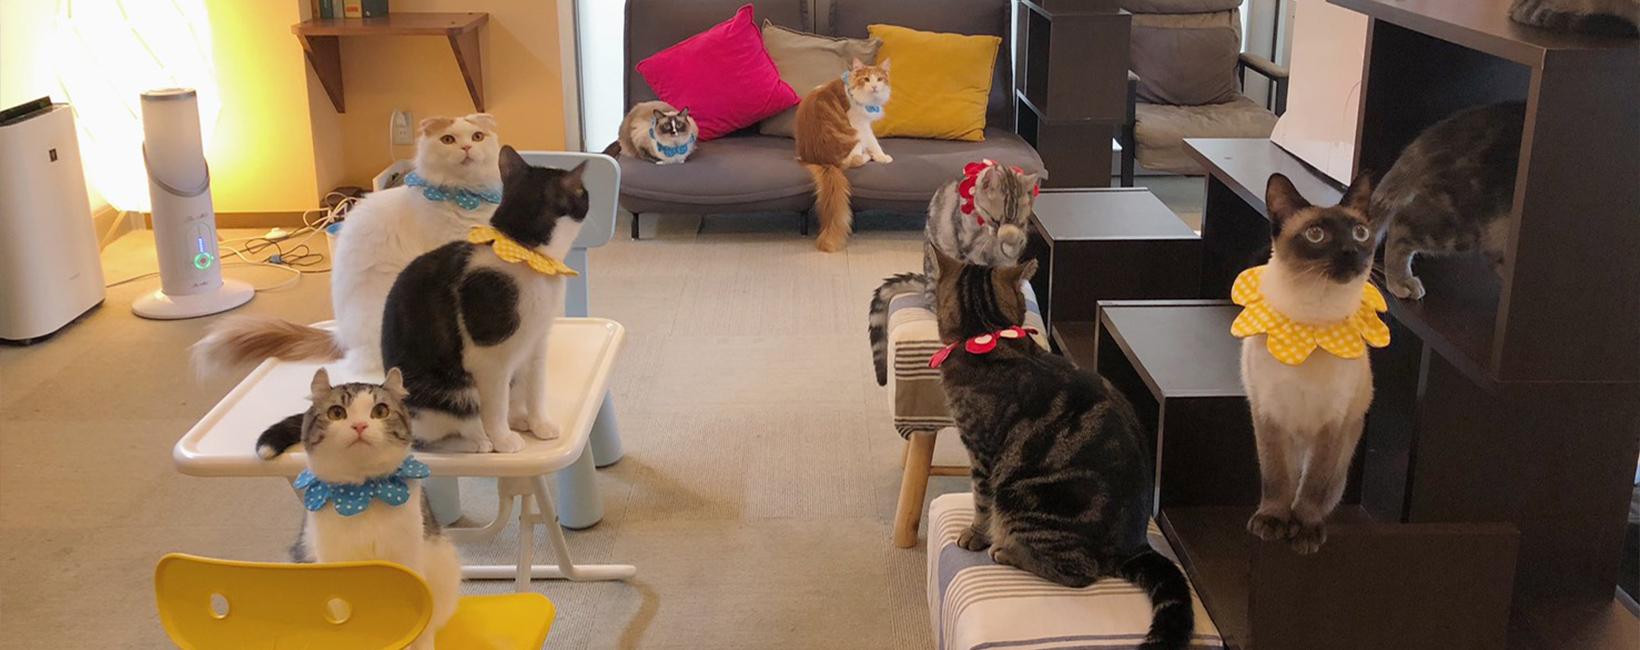 猫カフェ コックンの別荘 海老名店